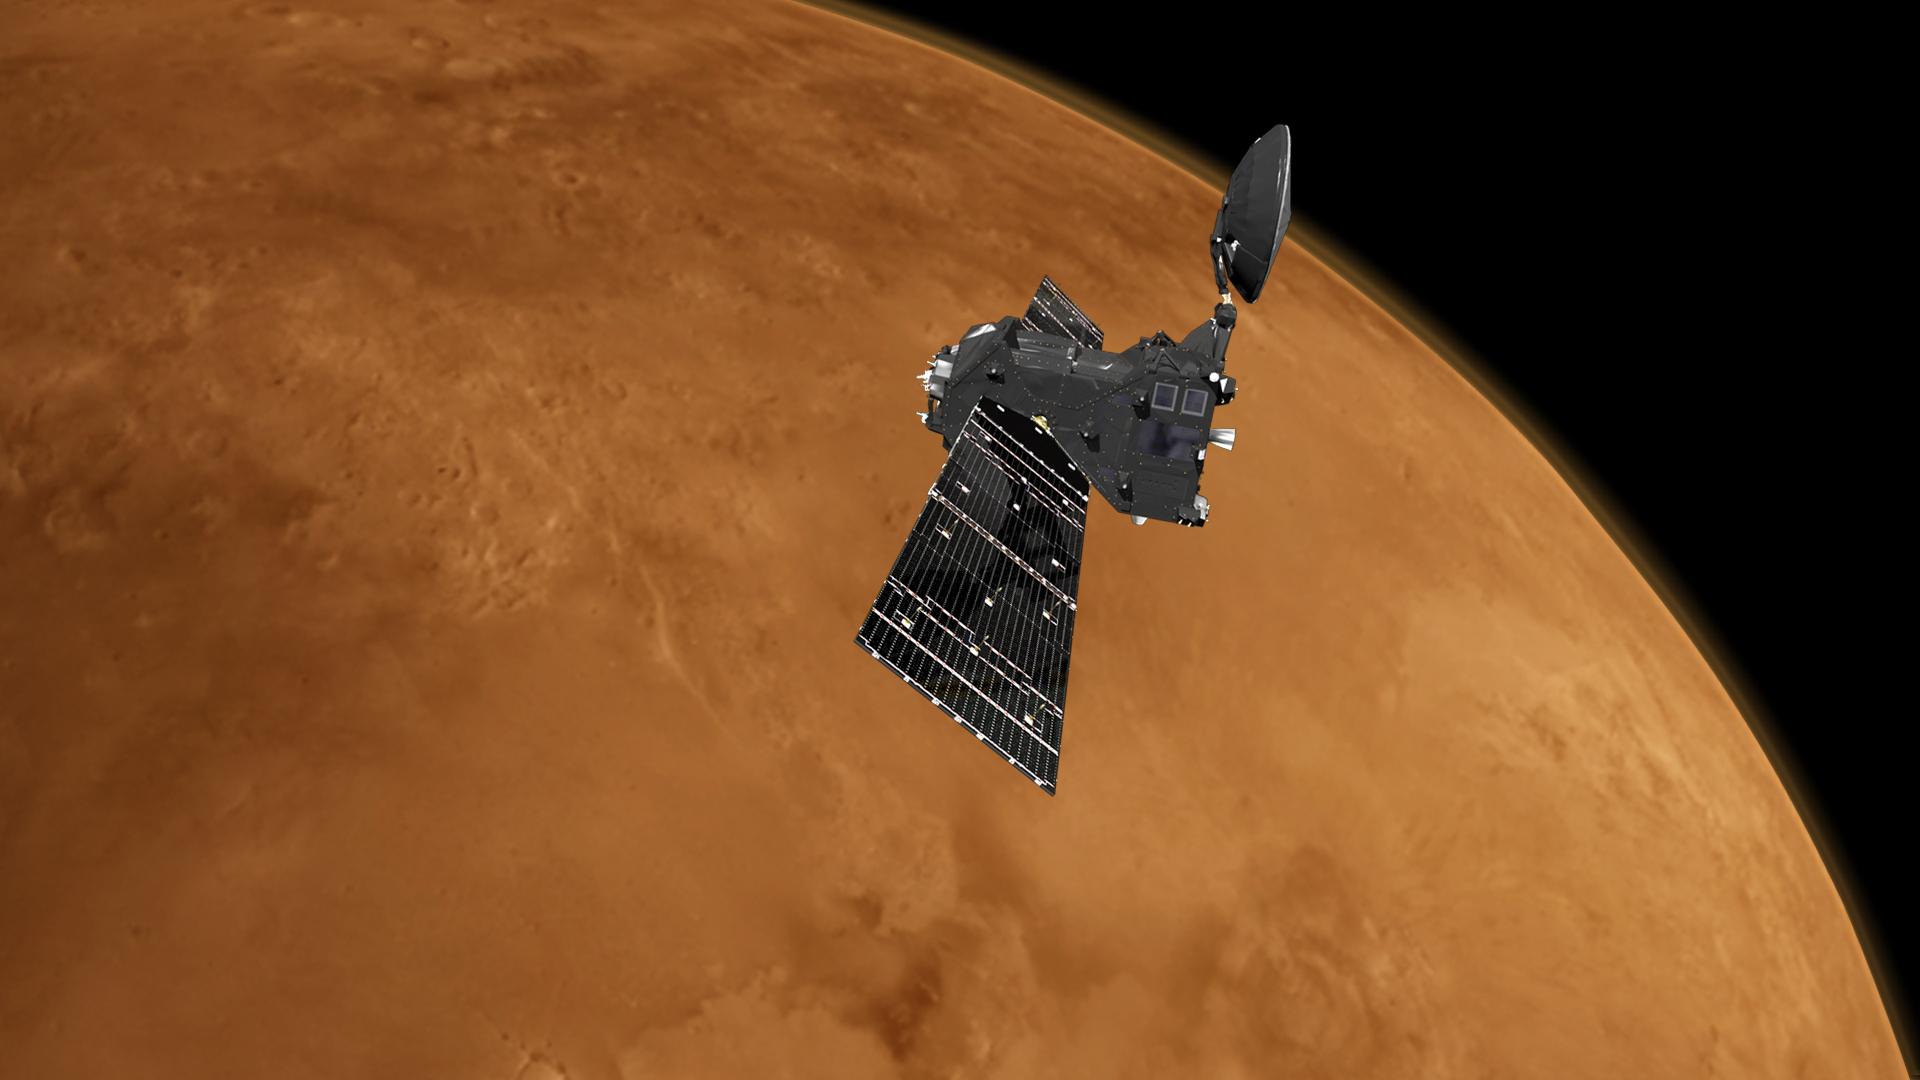 Trace Gas Orbiter i det russisk-europeiske samarbeidsprosjektet ExoMars 2016 skal blant annet undersøke kilden til metan på Mars. Grafikk: ESA/ATG medialab